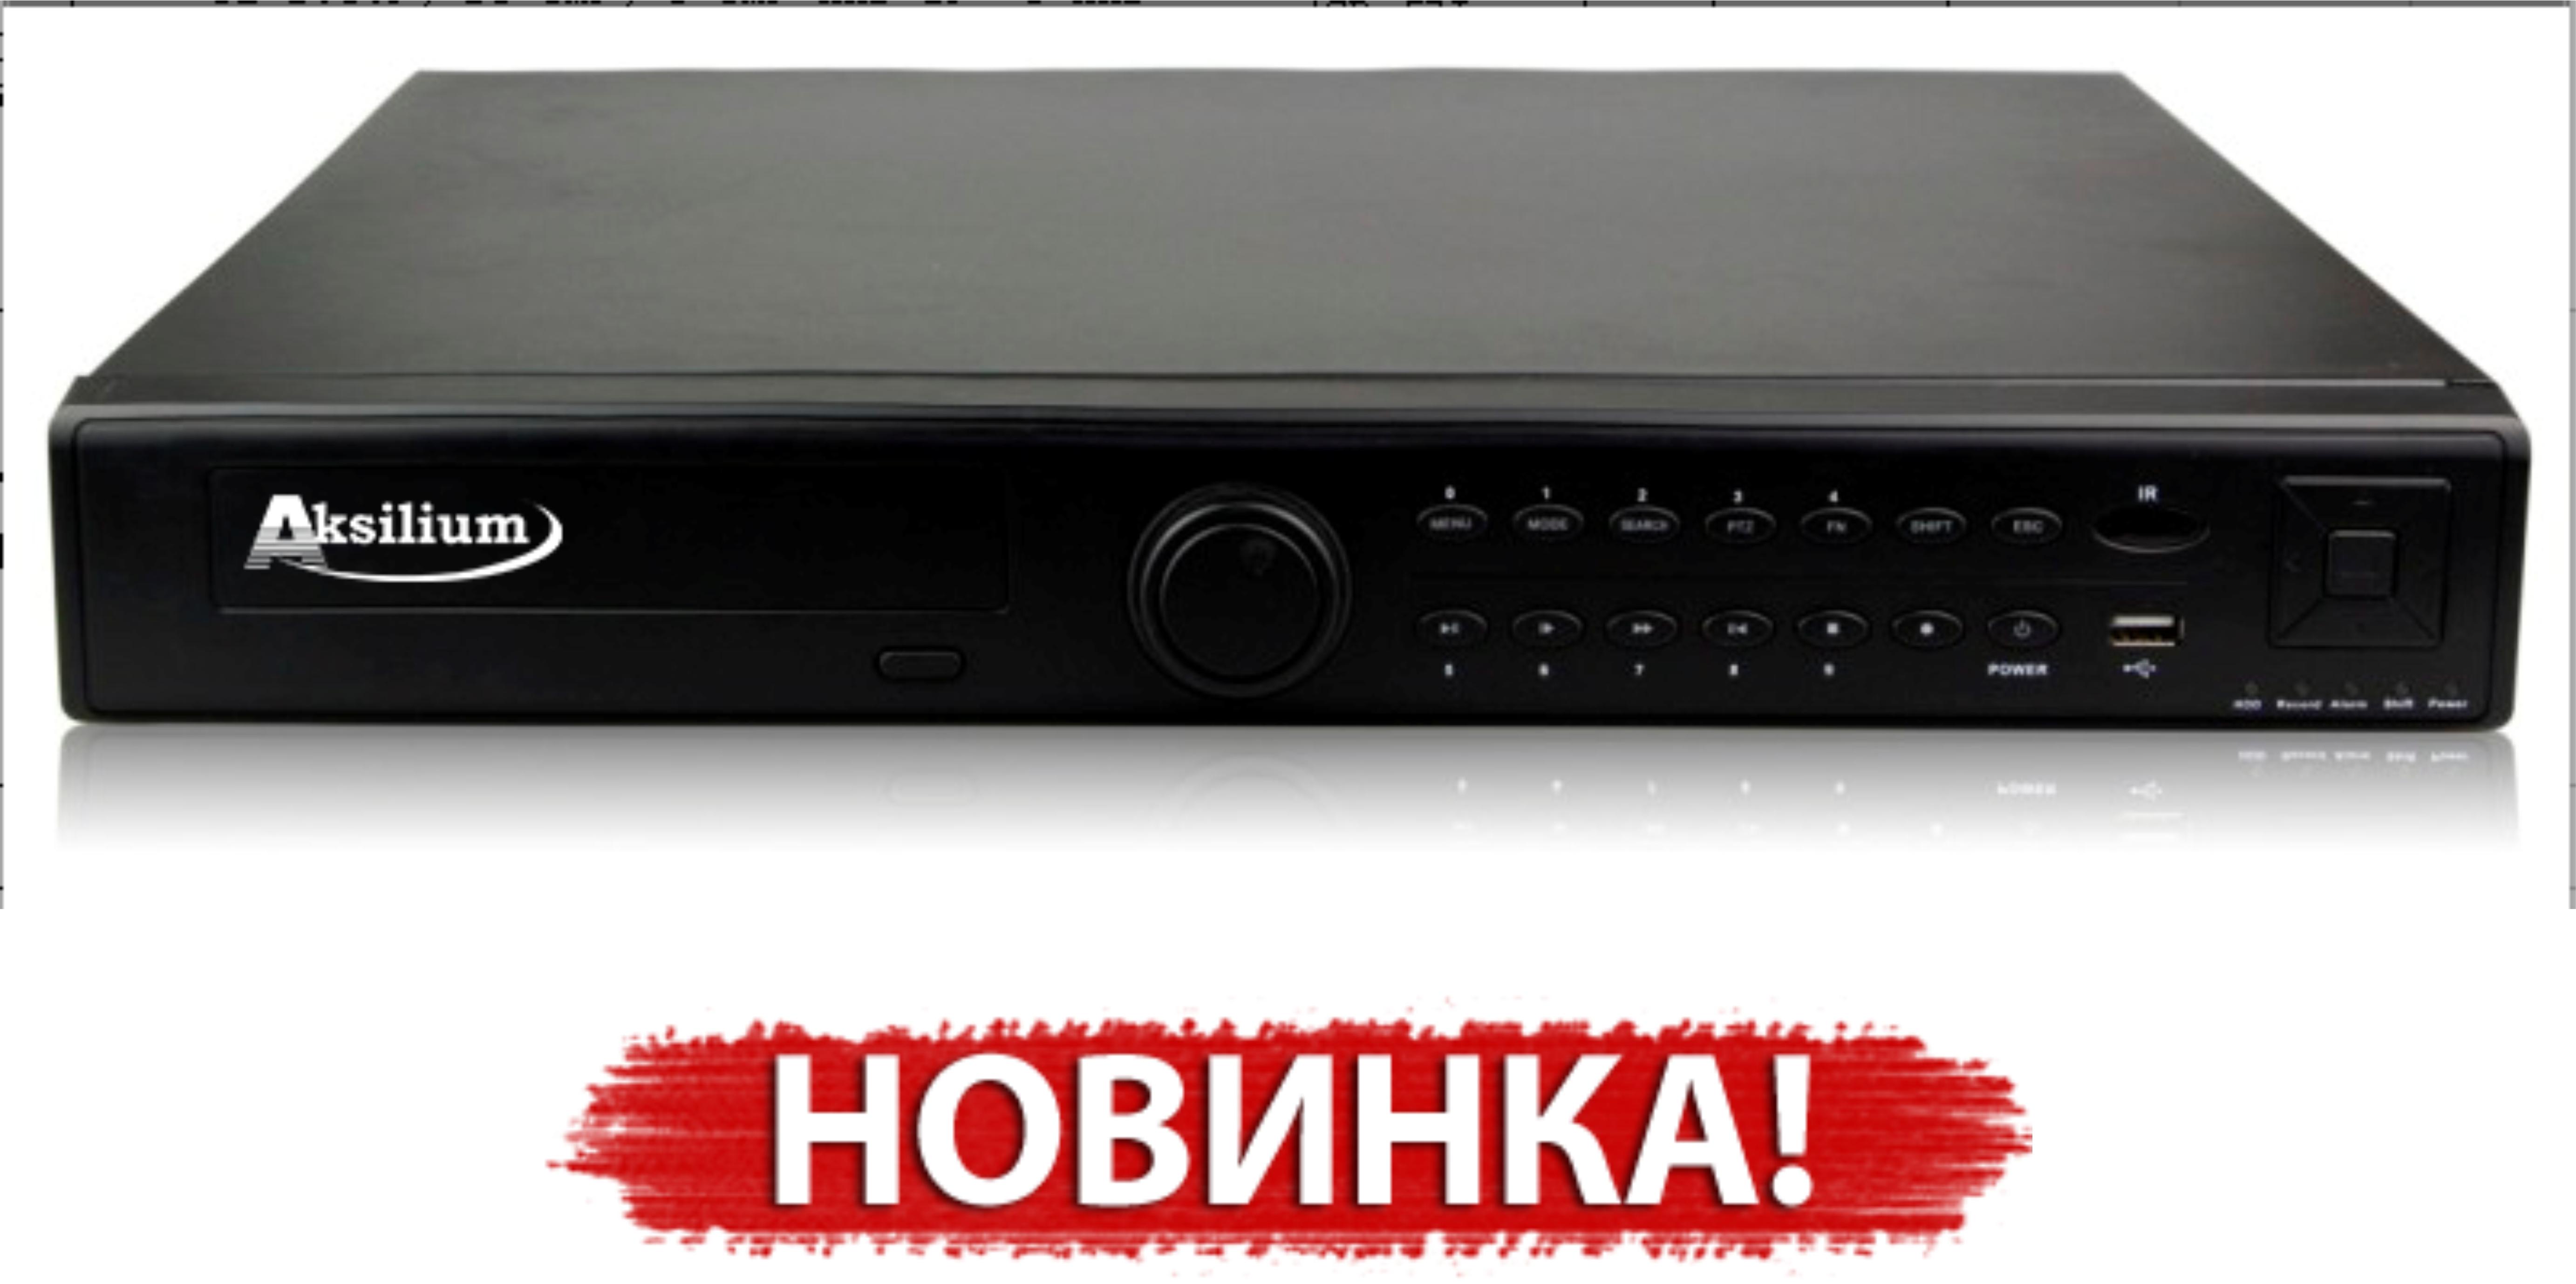 AKSILIUM HVR-2401 Alm AHD/IP/CVBS